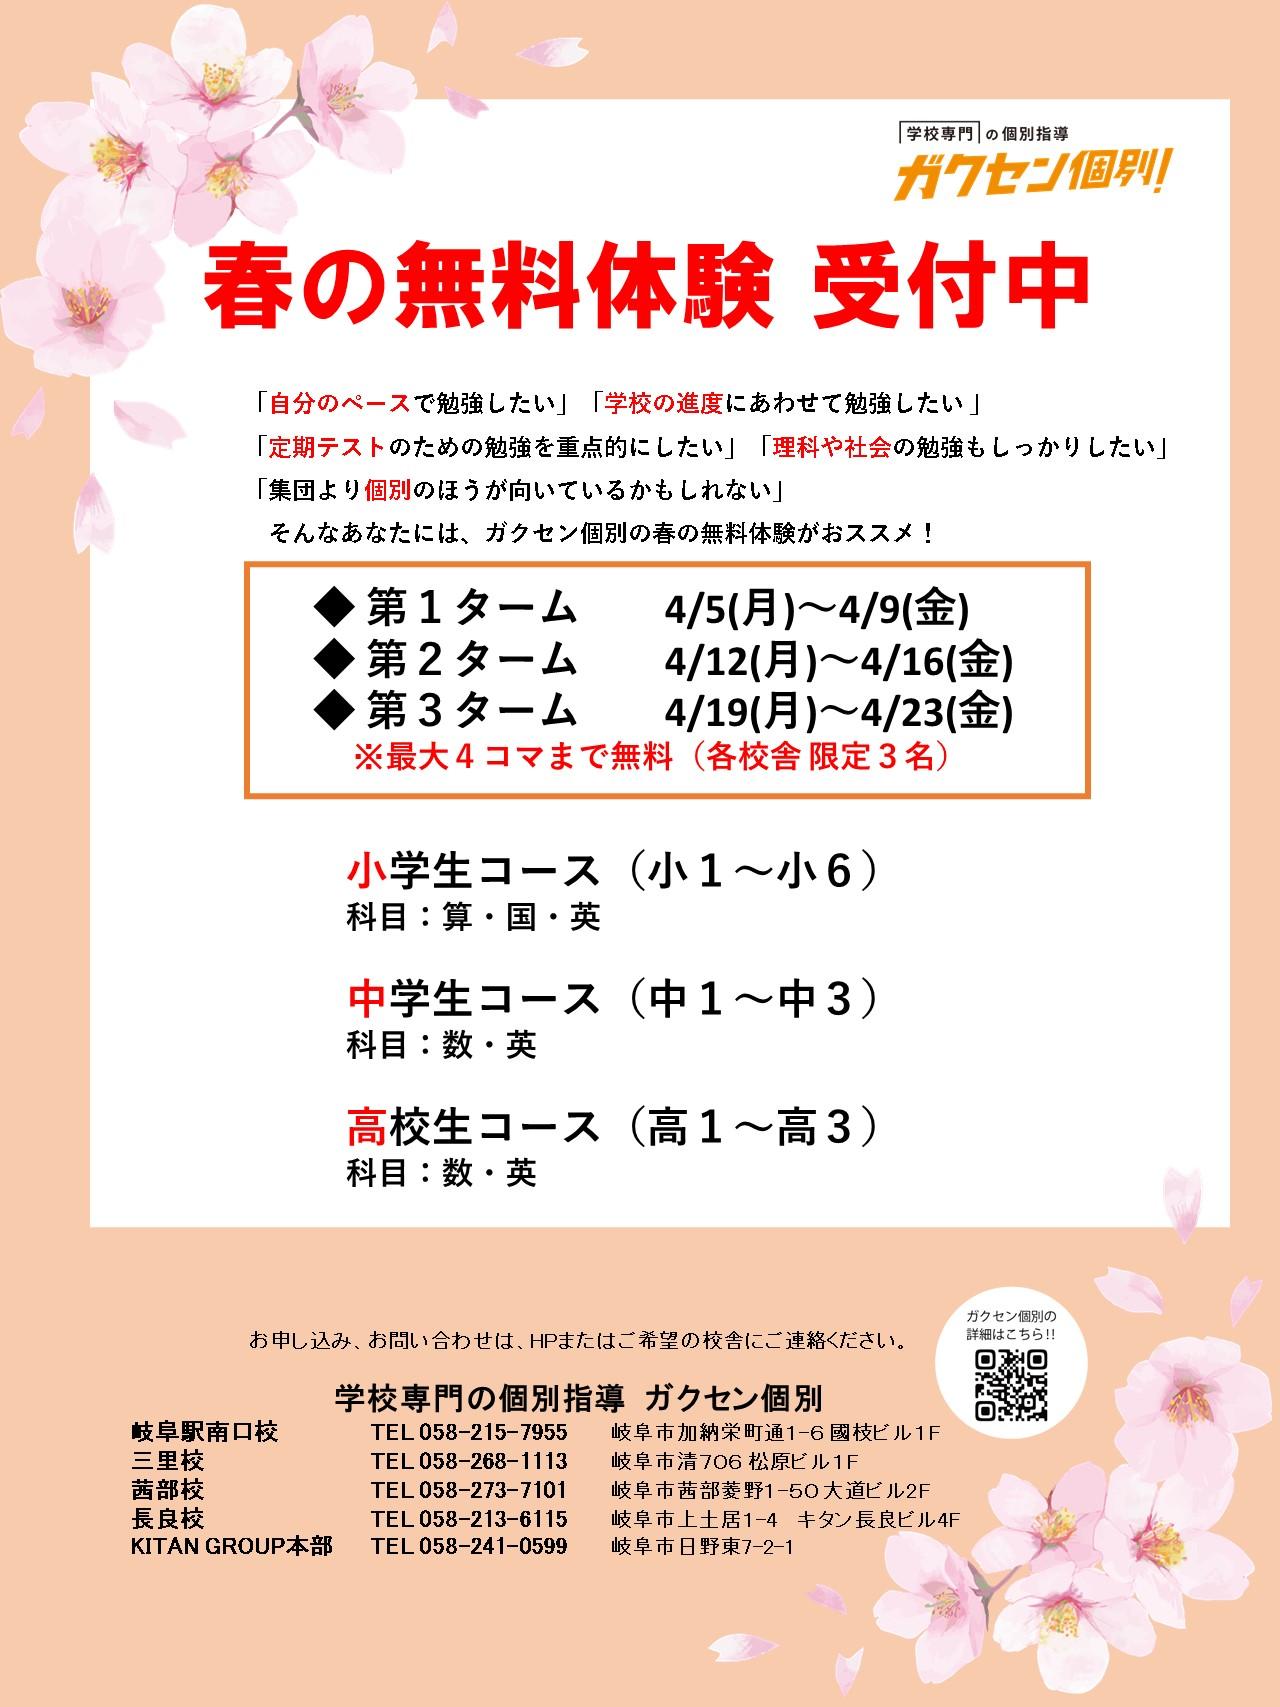 春の無料体験 受付中!